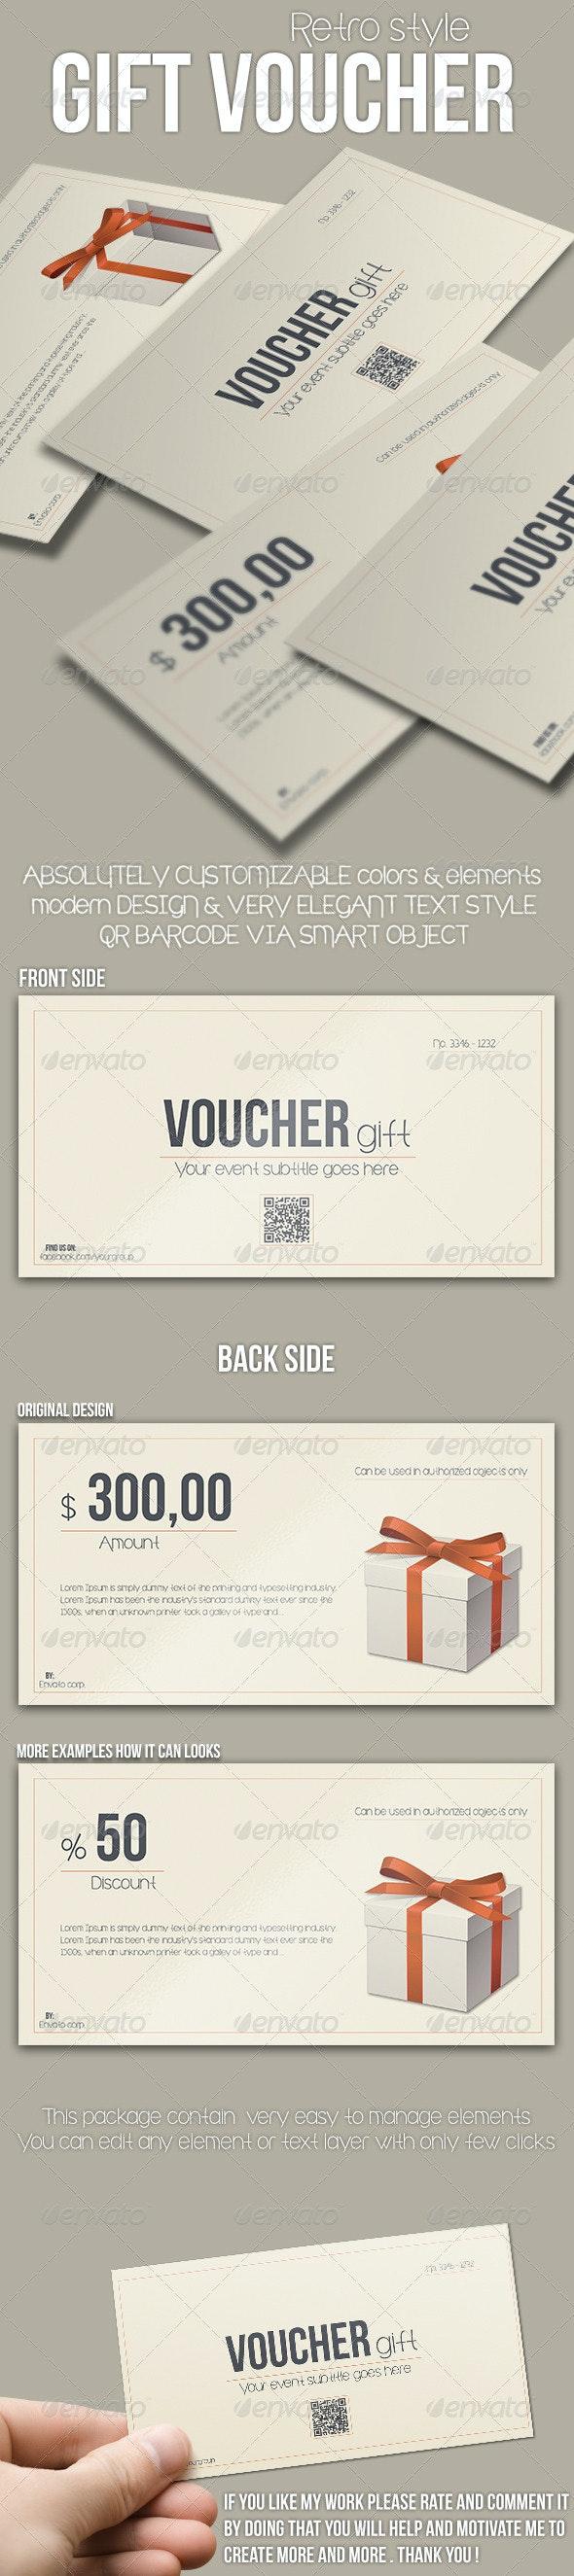 Multipurpose Retro Voucher - Cards & Invites Print Templates